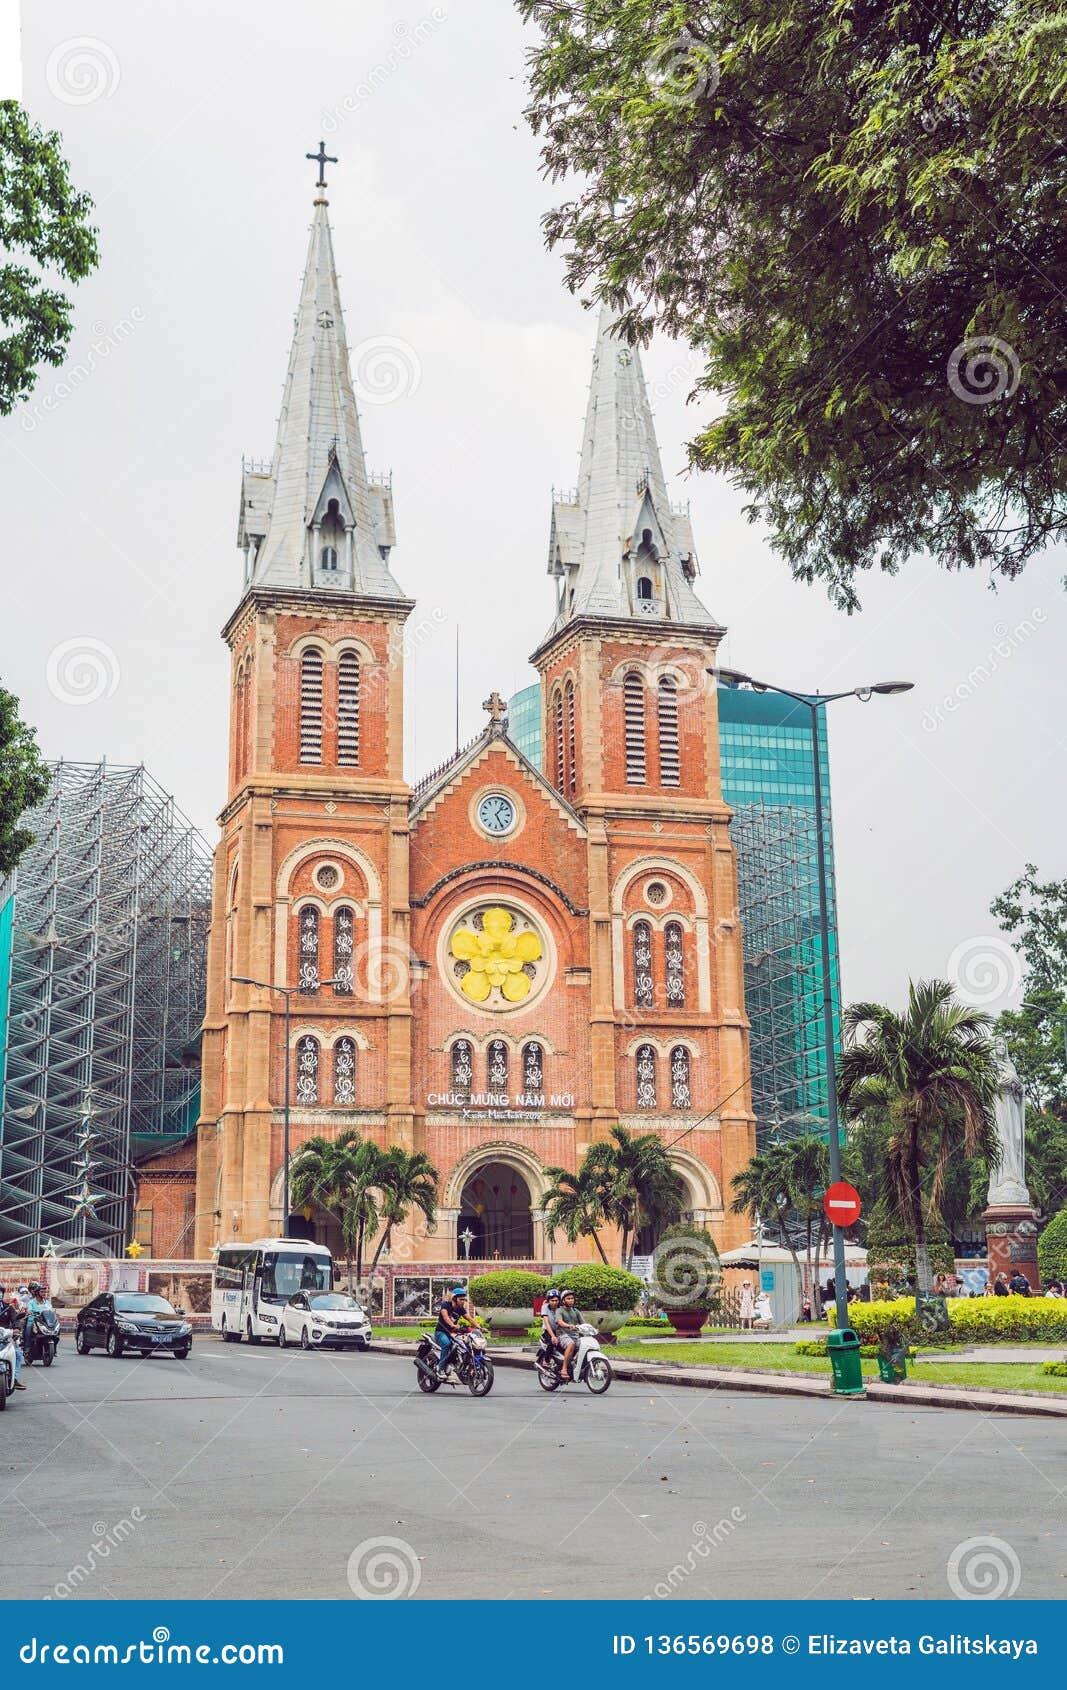 7 de febrero de 2018, Ho Chi Minh City, Vietnam: La catedral de Notre Dame de Saigon, construye en 1883 en la ciudad de Ho Chi Mi